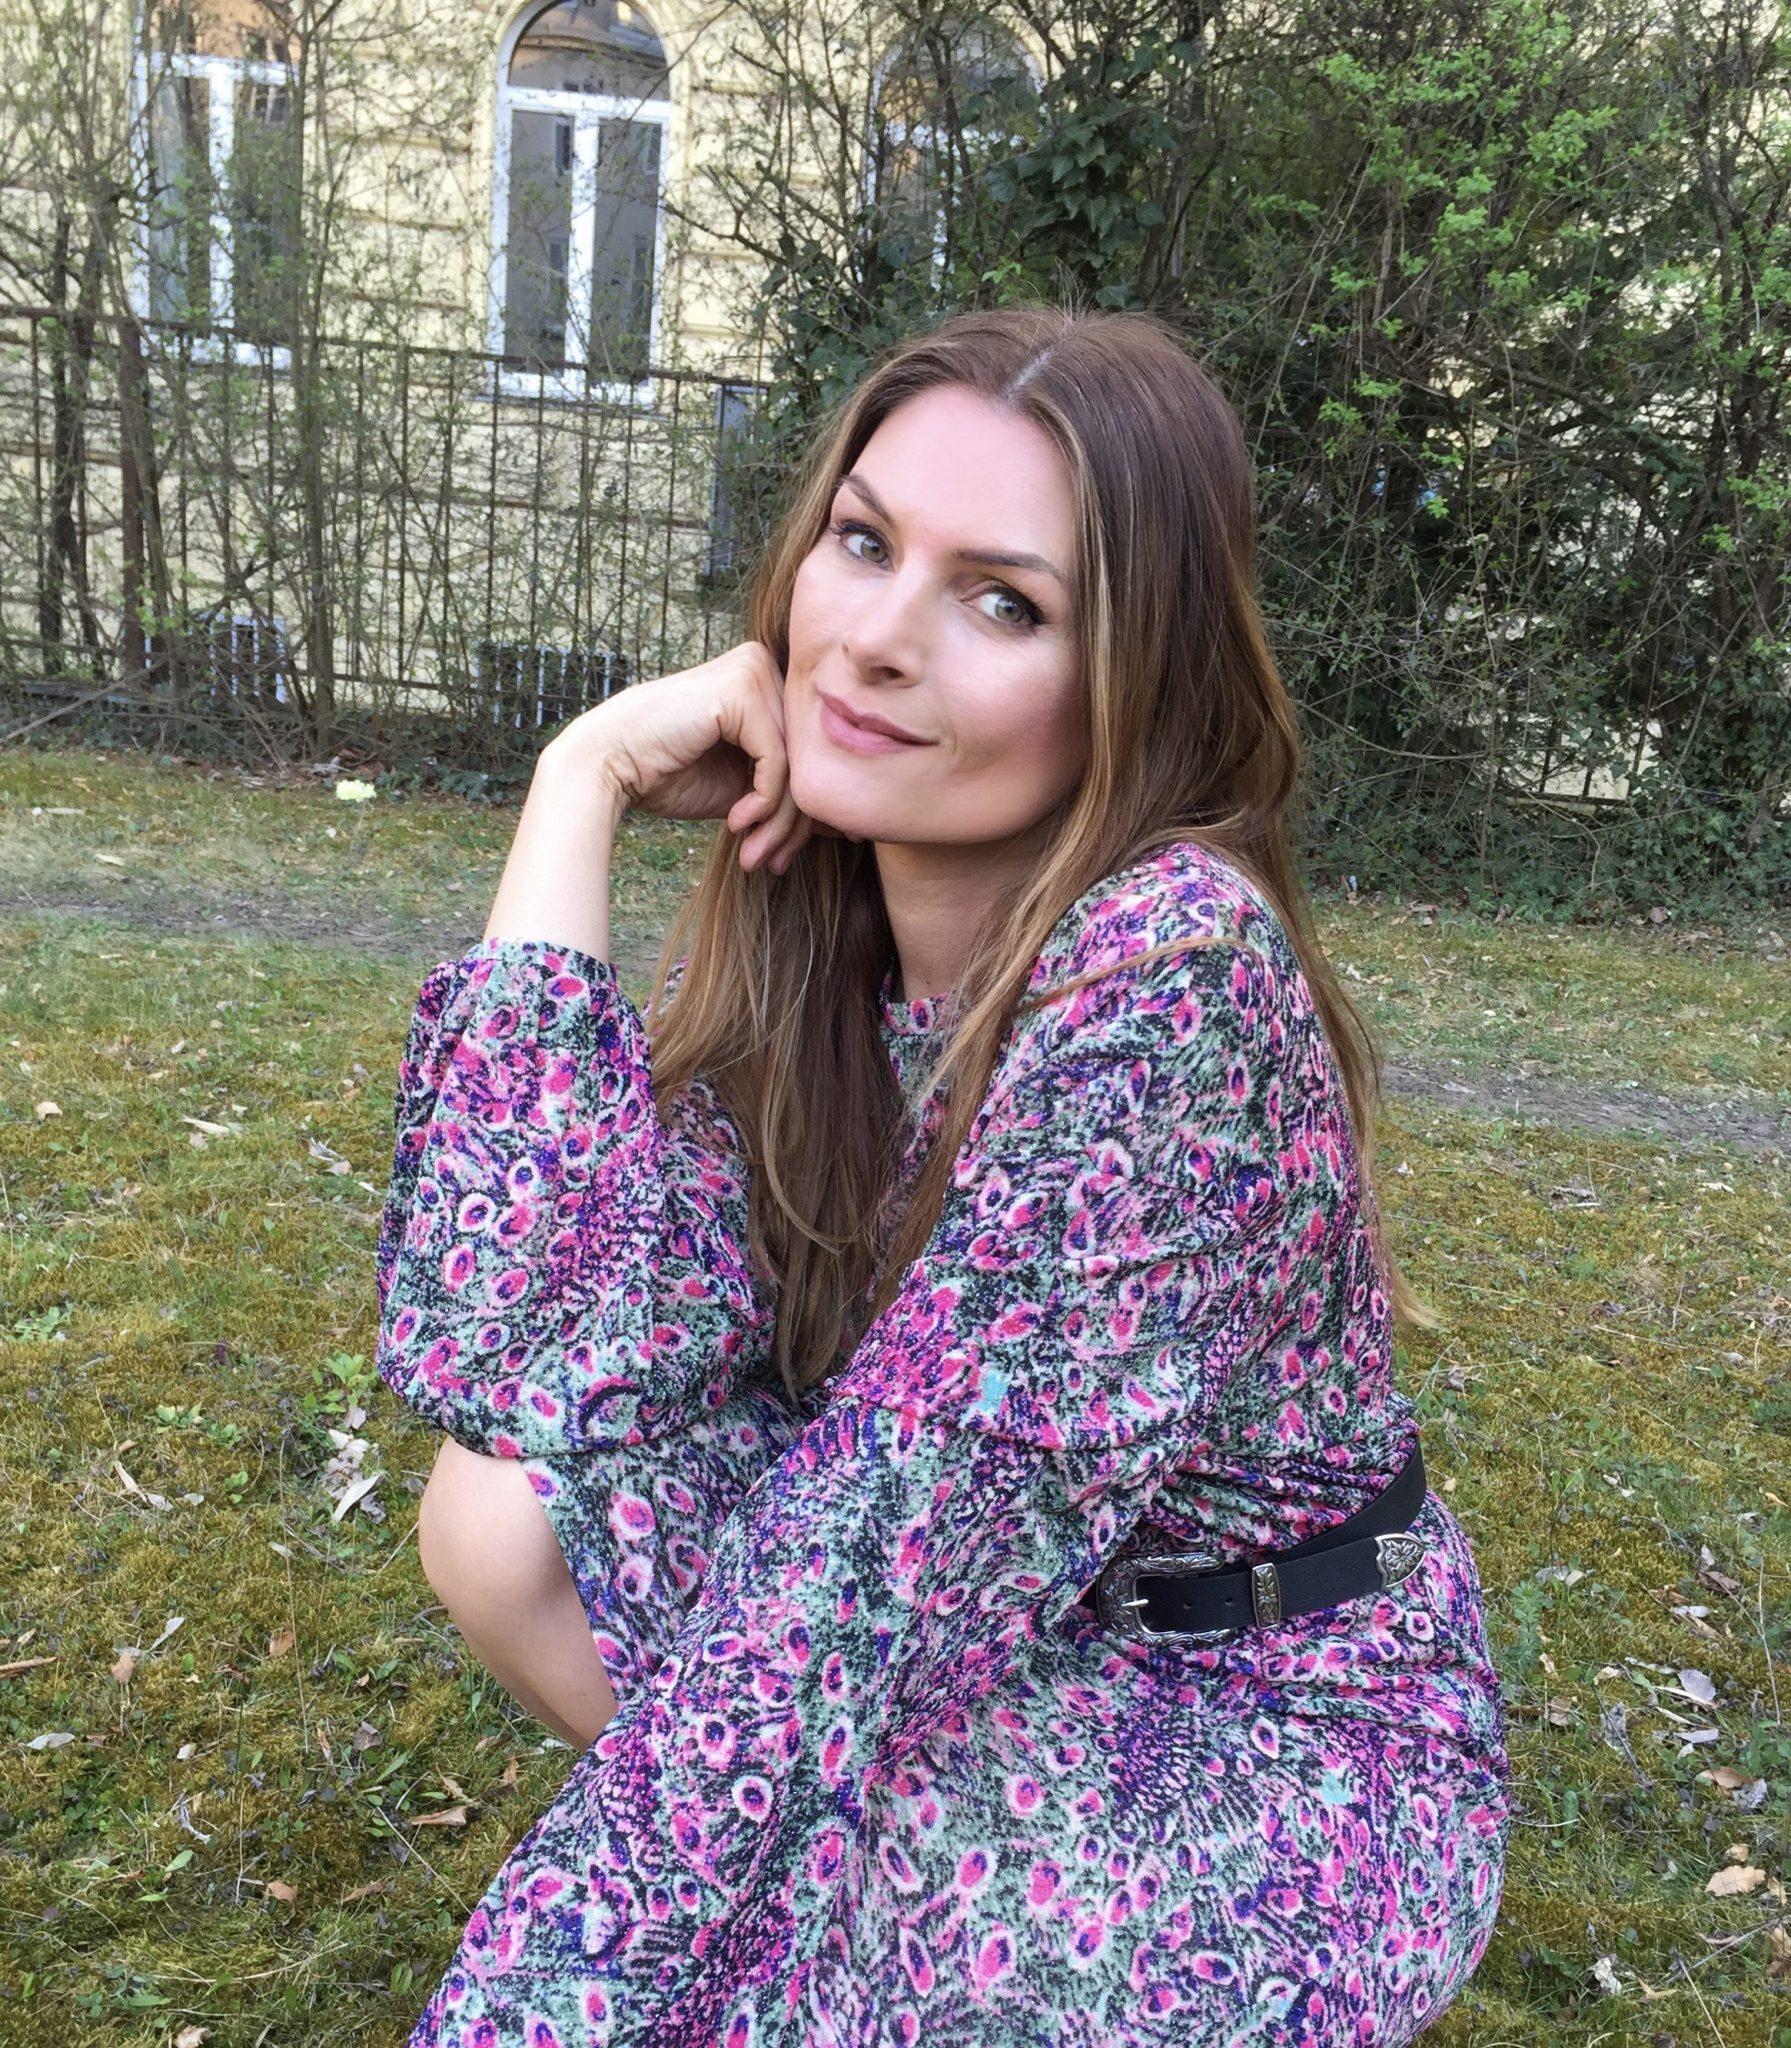 MARTINA KAISER #wirhaltenzusammen #gemeinsamsindwirstark